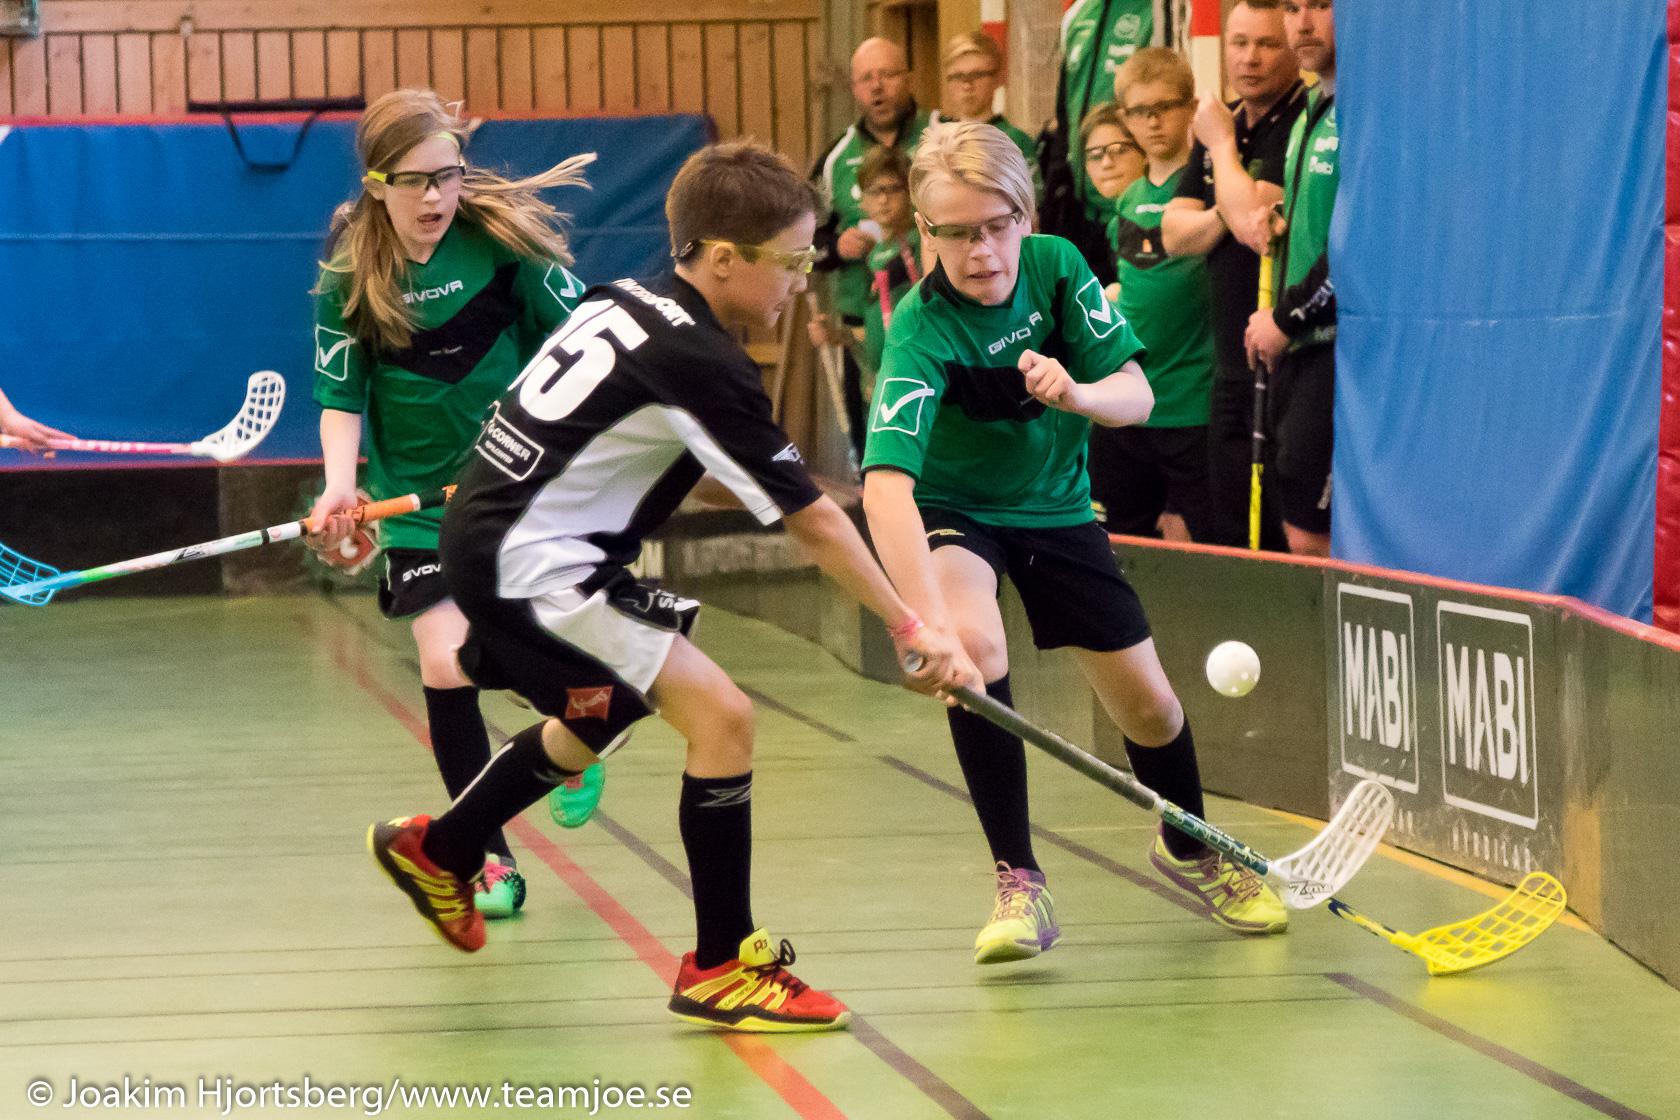 20160409_1638-2 Örebrocupen